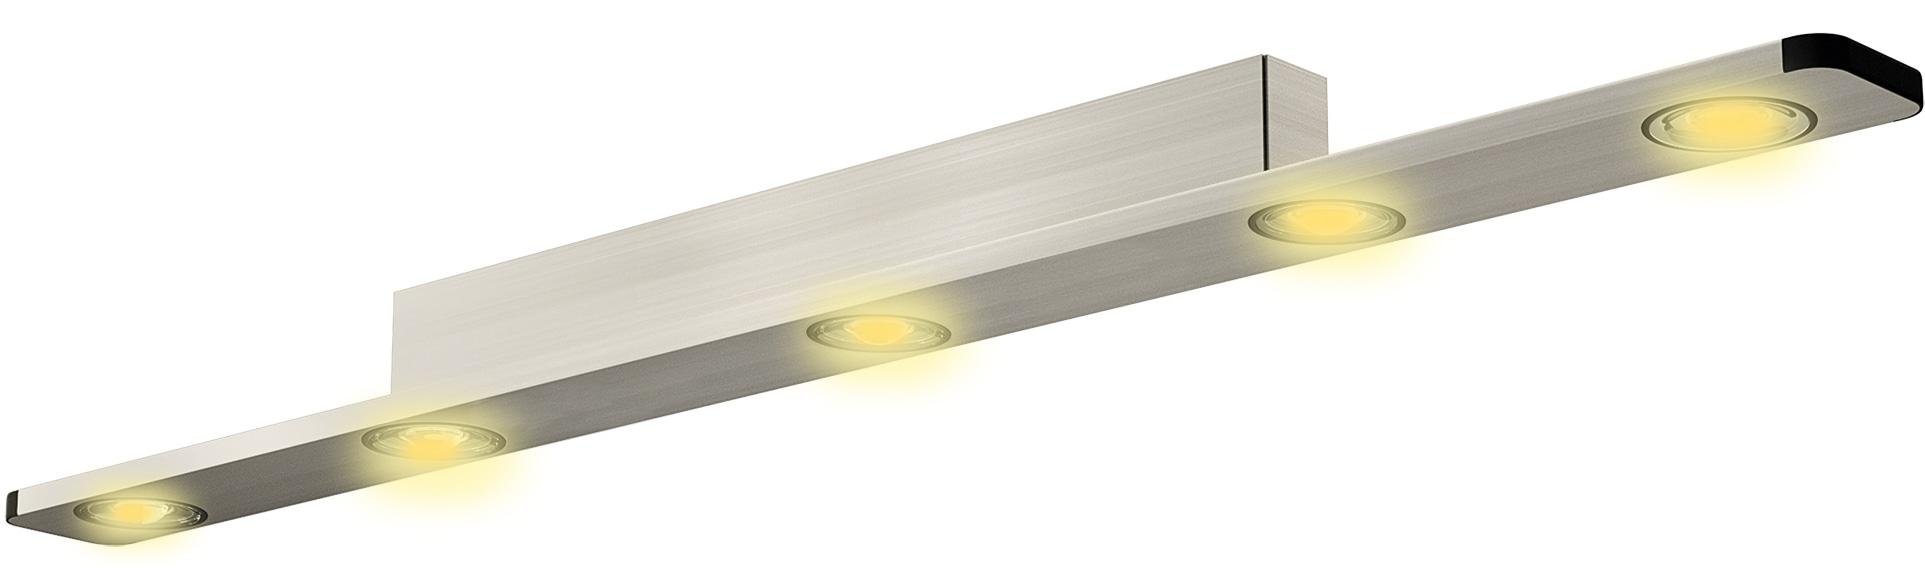 EVOTEC,LED Deckenleuchte LIGHT WAVE